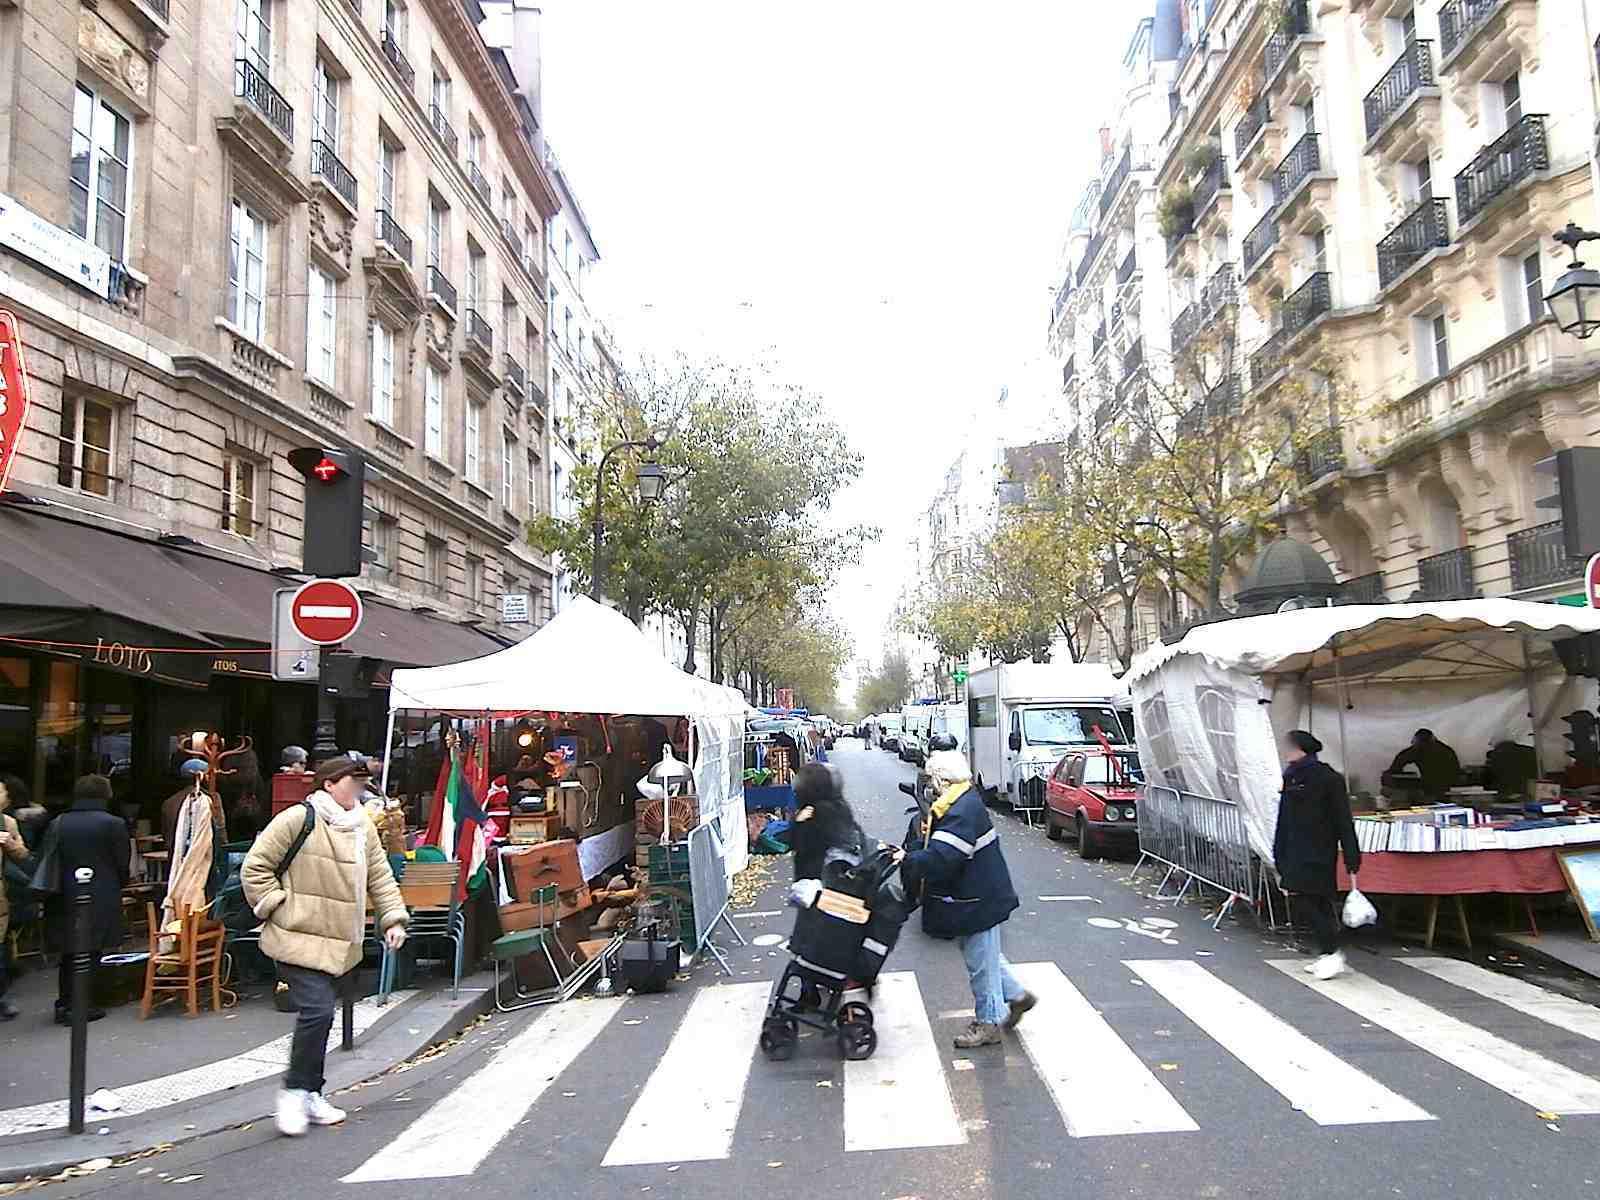 152 brocante de la rue de bretagne 2016 11 25 - Brocante rue de bretagne ...